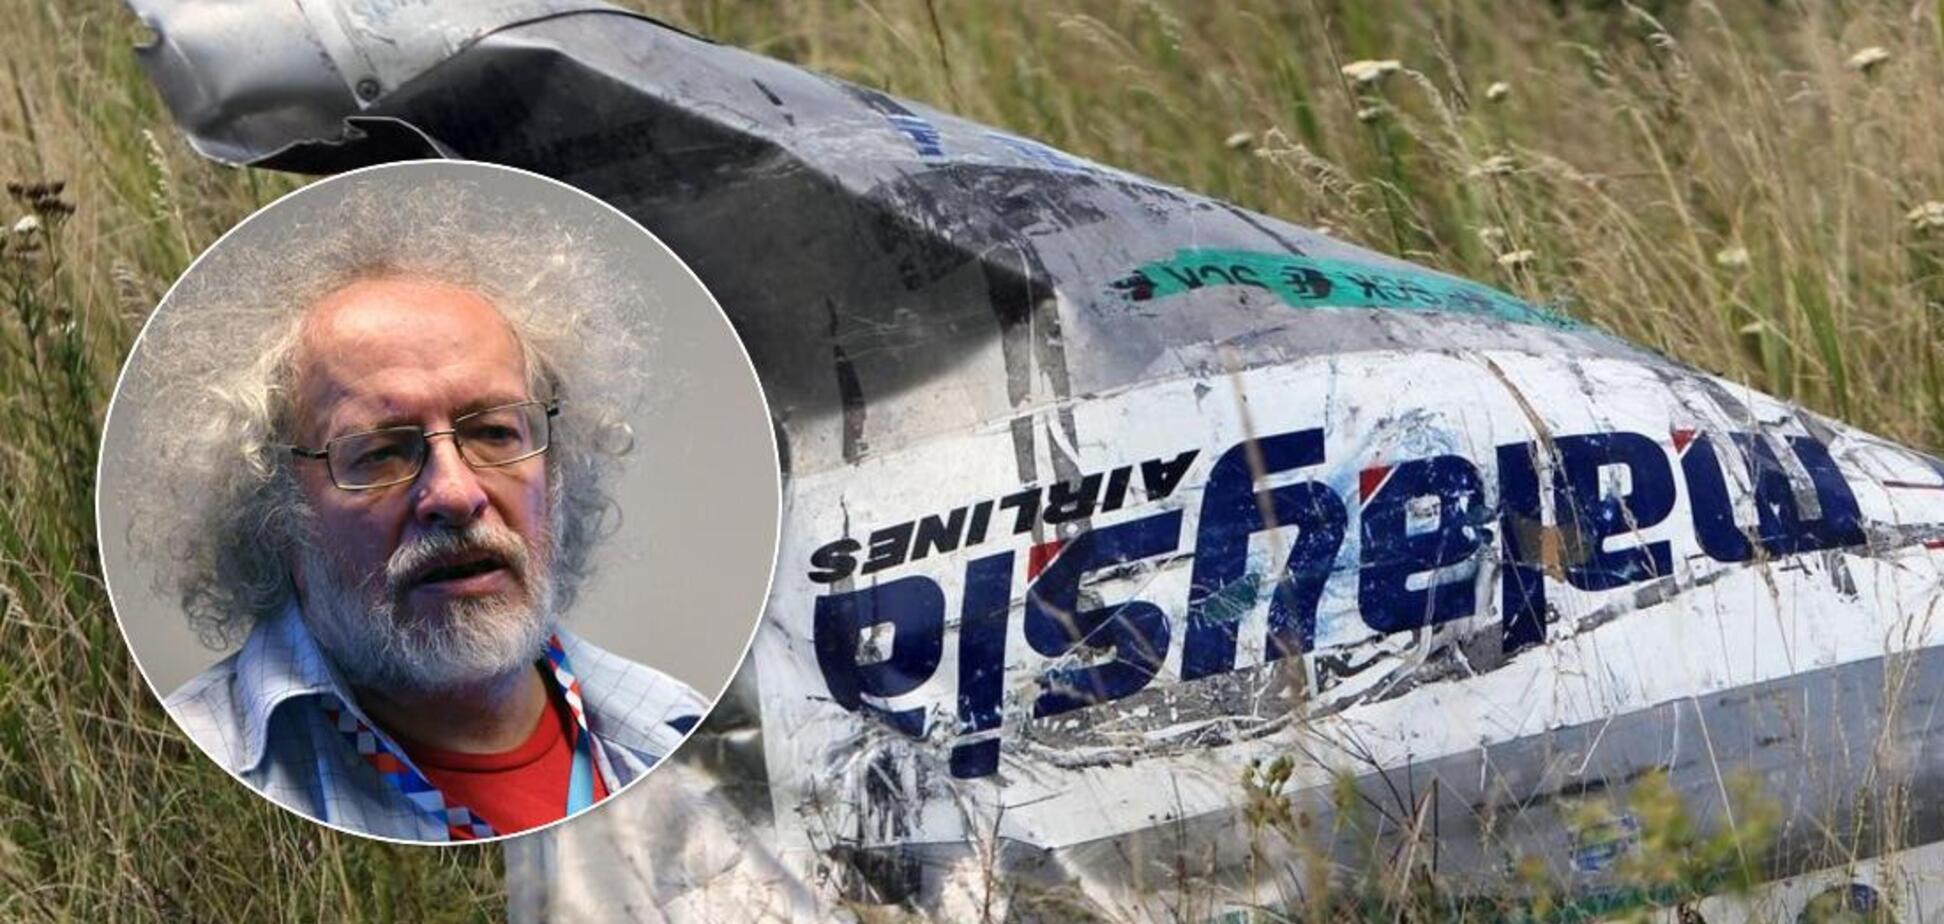 Росія веде таємні переговори щодо катастрофи MH17, – Венедиктов